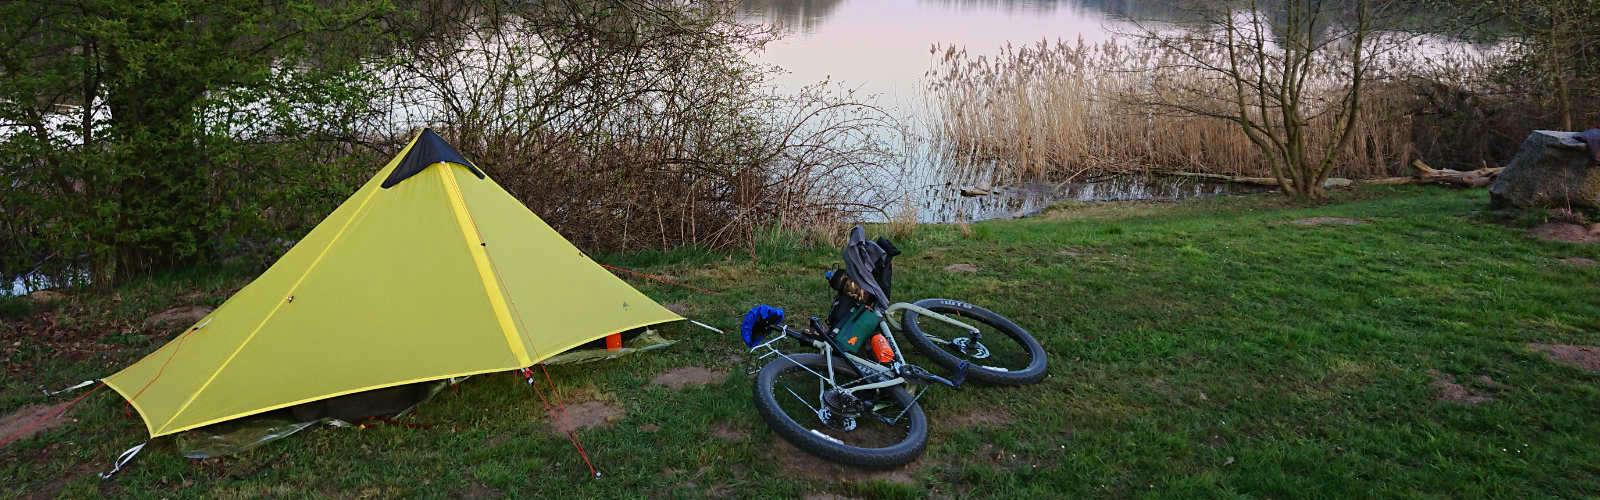 Trekking-mit-dem-Bike-und-leichtem-Gepaeck-1600